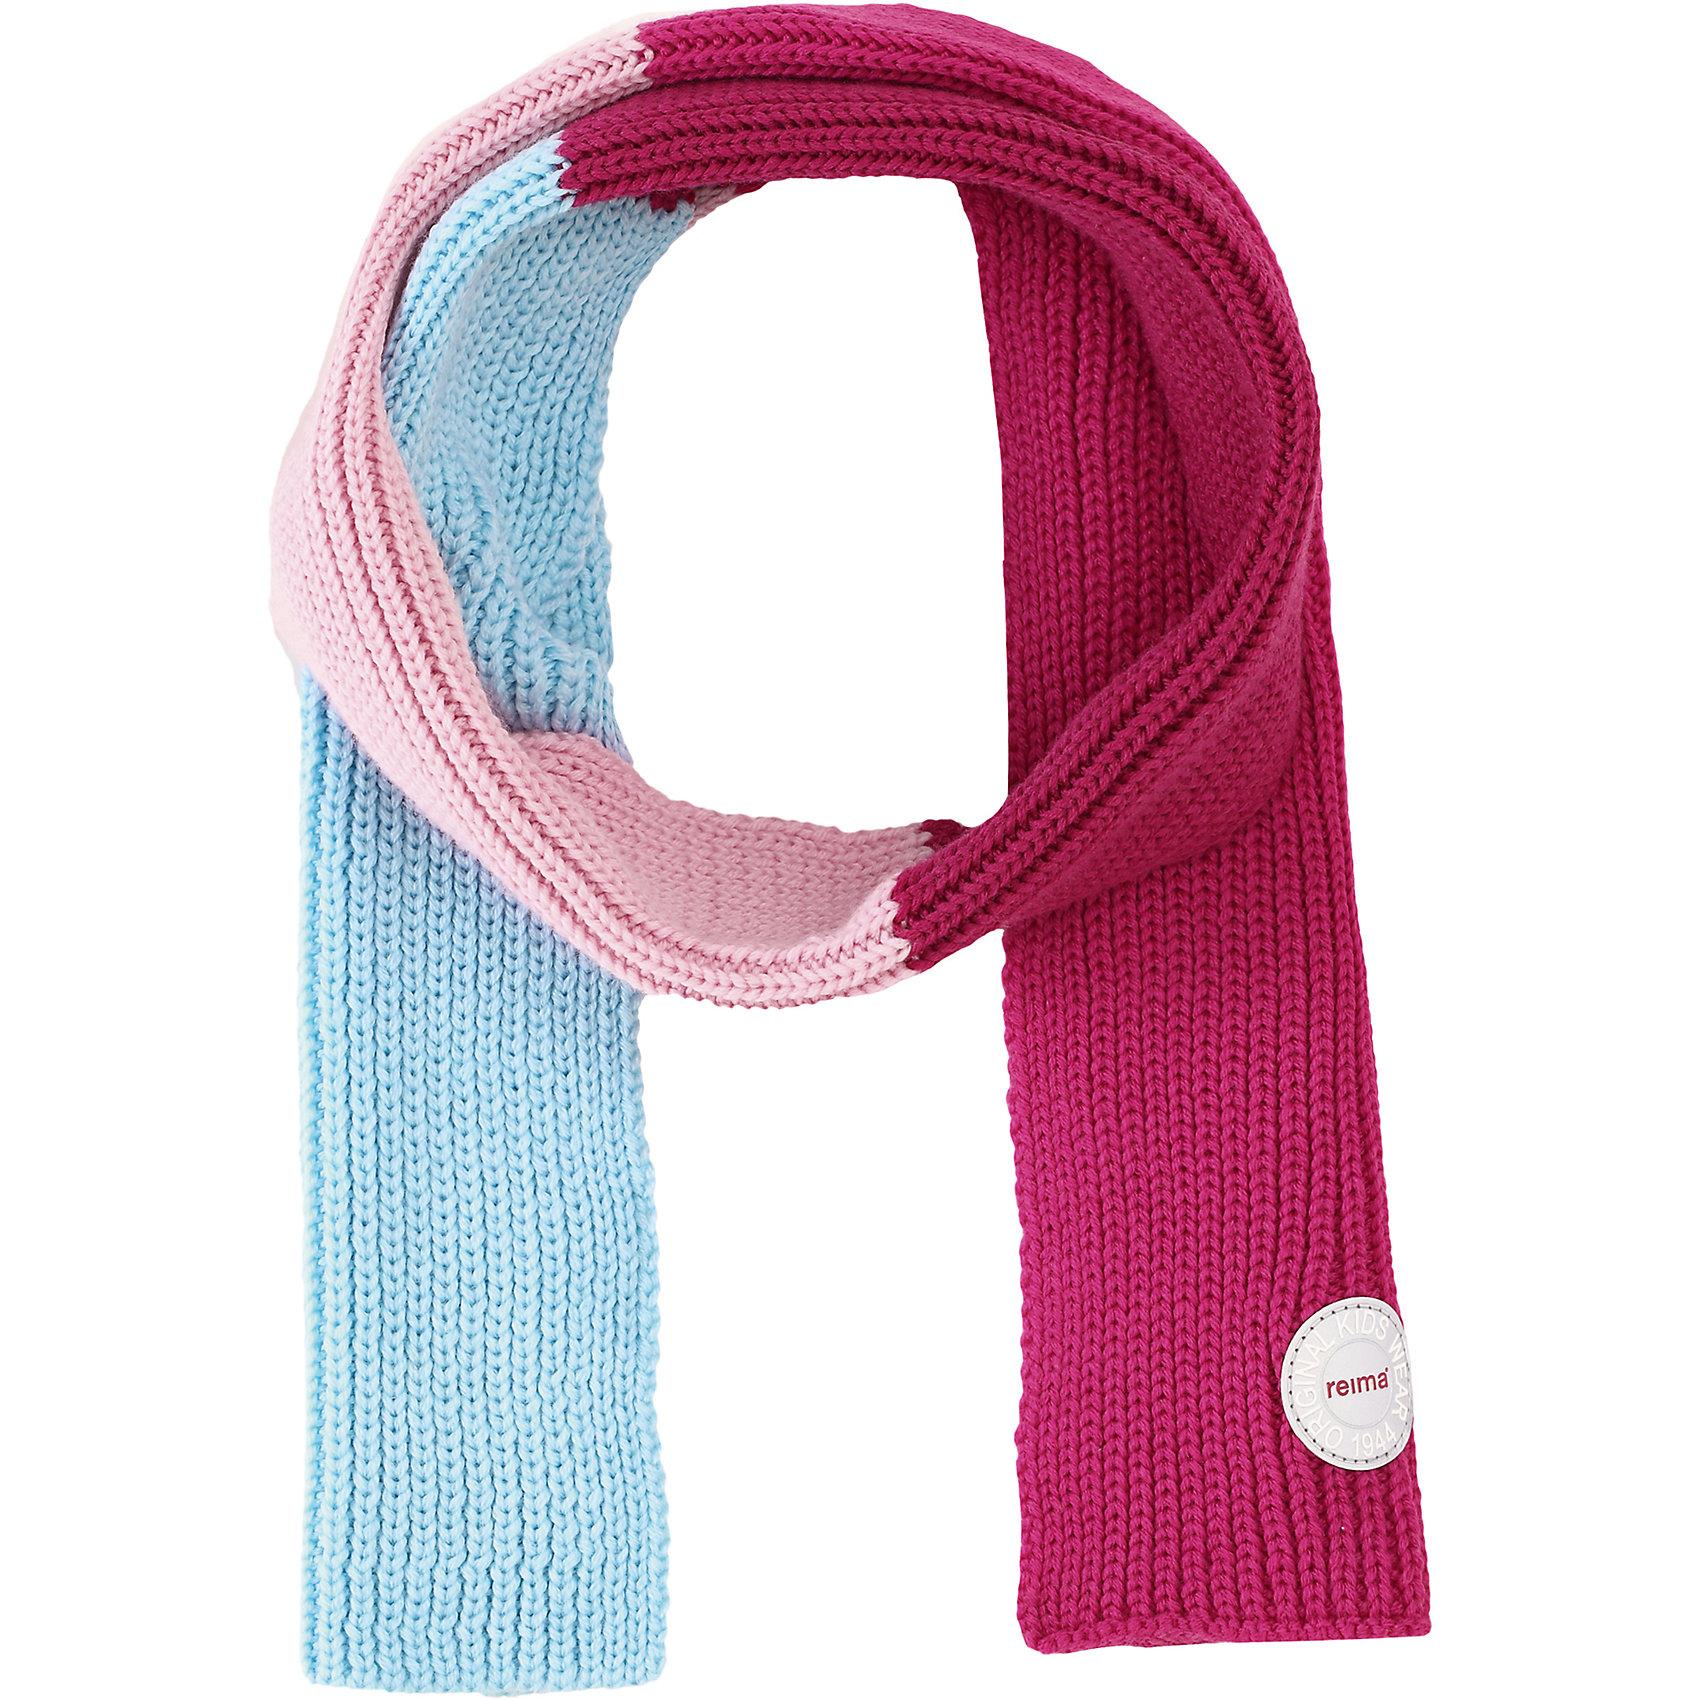 Шарф Reima KesyШарфы, платки<br>Характеристики товара:<br><br>• цвет: розовый/голубой;<br>• состав: 100% шерсть;<br>• сезон: зима;<br>• температурный режим: от 0 до -20С;<br>• мягкая ткань из мериносовой шерсти для поддержания идеальной температуры тела;<br>• светоотражающий логотип Reima®;<br>• страна бренда: Финляндия;<br>• страна изготовитель: Китай.<br><br>Детский зимний шарф изготовлен из мягкой и теплой мериносовой шерсти. Эластичный и дышащий материал обеспечивает хорошую терморегуляцию. Снабжен светоотражающей эмблемой Reima.<br><br>Шарф Kesy Reima от финского бренда Reima (Рейма) можно купить в нашем интернет-магазине.<br><br>Ширина мм: 88<br>Глубина мм: 155<br>Высота мм: 26<br>Вес г: 106<br>Цвет: розовый<br>Возраст от месяцев: 48<br>Возраст до месяцев: 168<br>Пол: Унисекс<br>Возраст: Детский<br>Размер: one size<br>SKU: 6902701